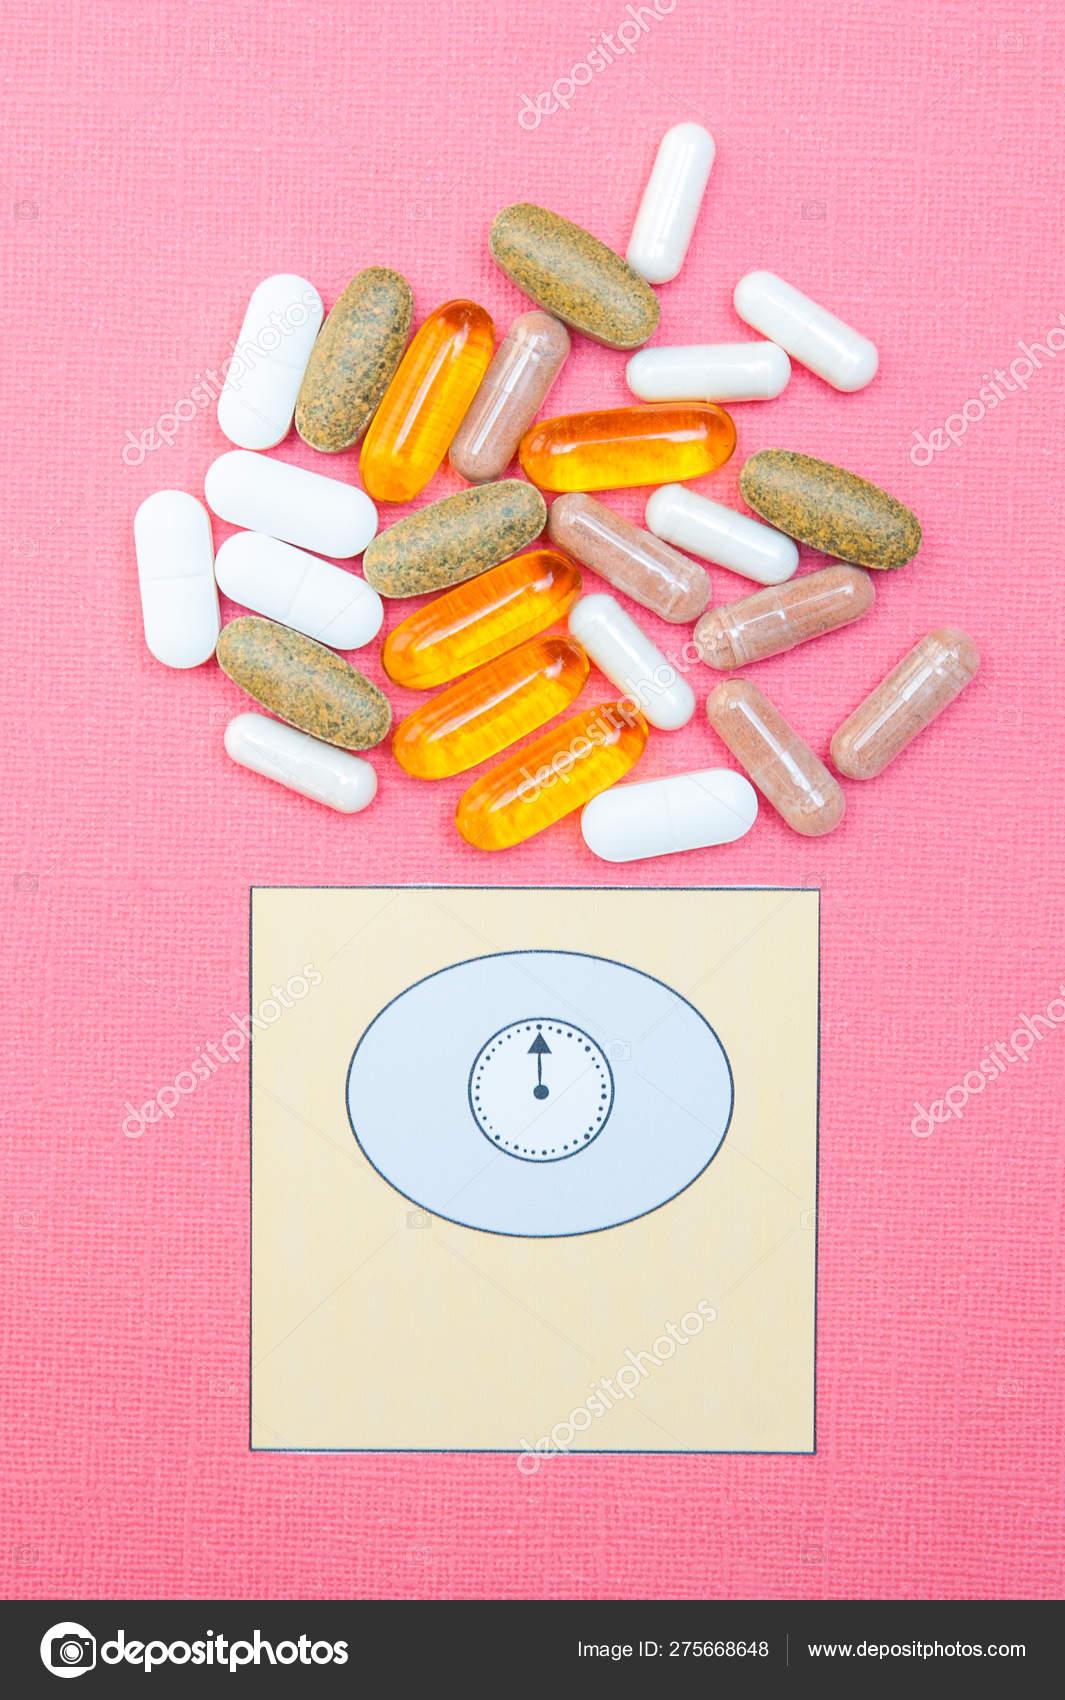 Suplementos dieteticos perdida de peso